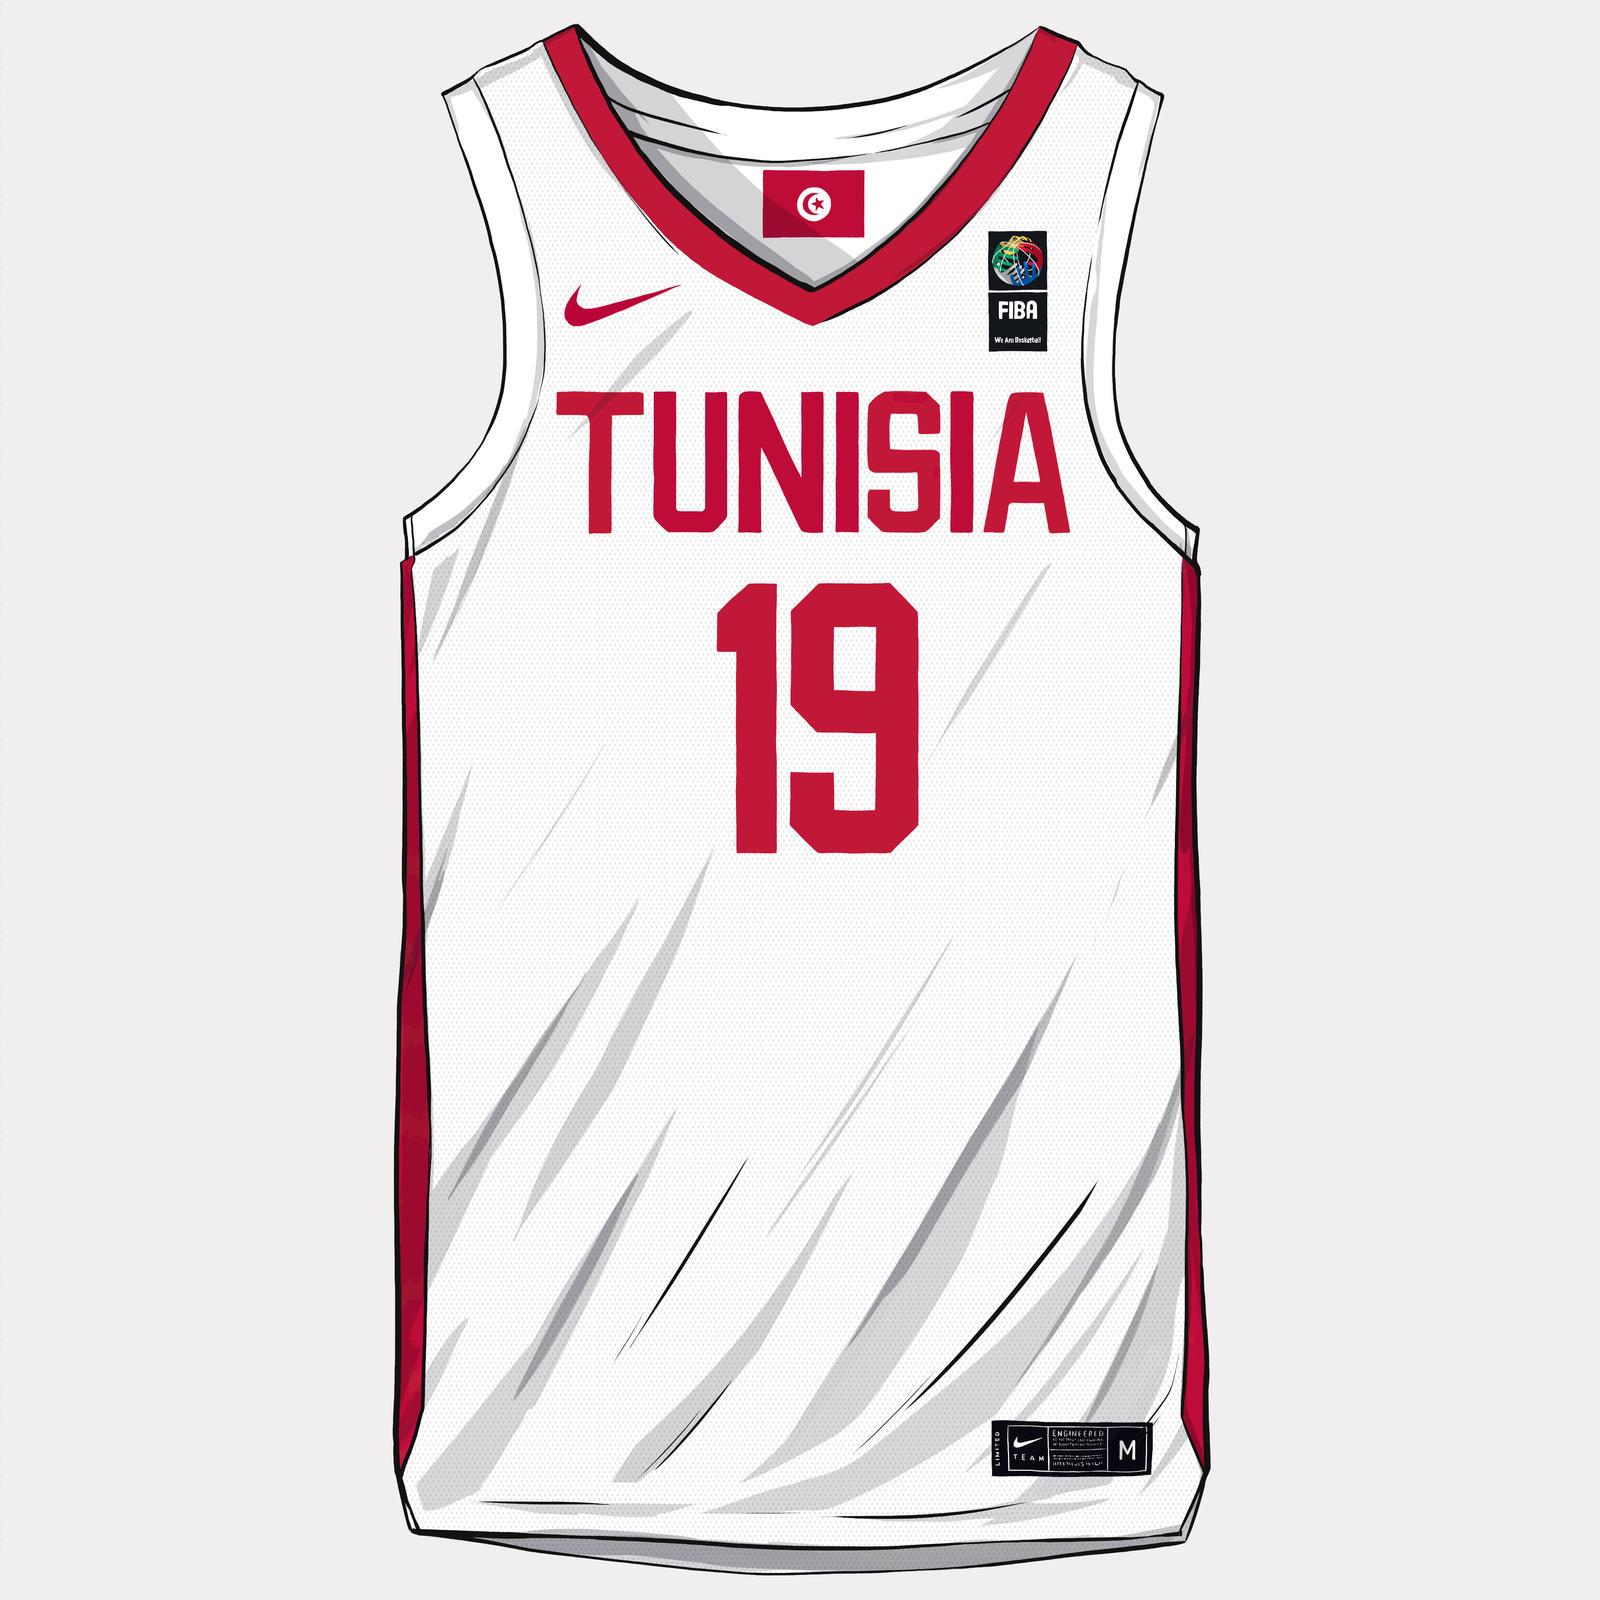 nike-news-tunisia-national-team-kit-2019-illustration-1x1_2_89537.jpg